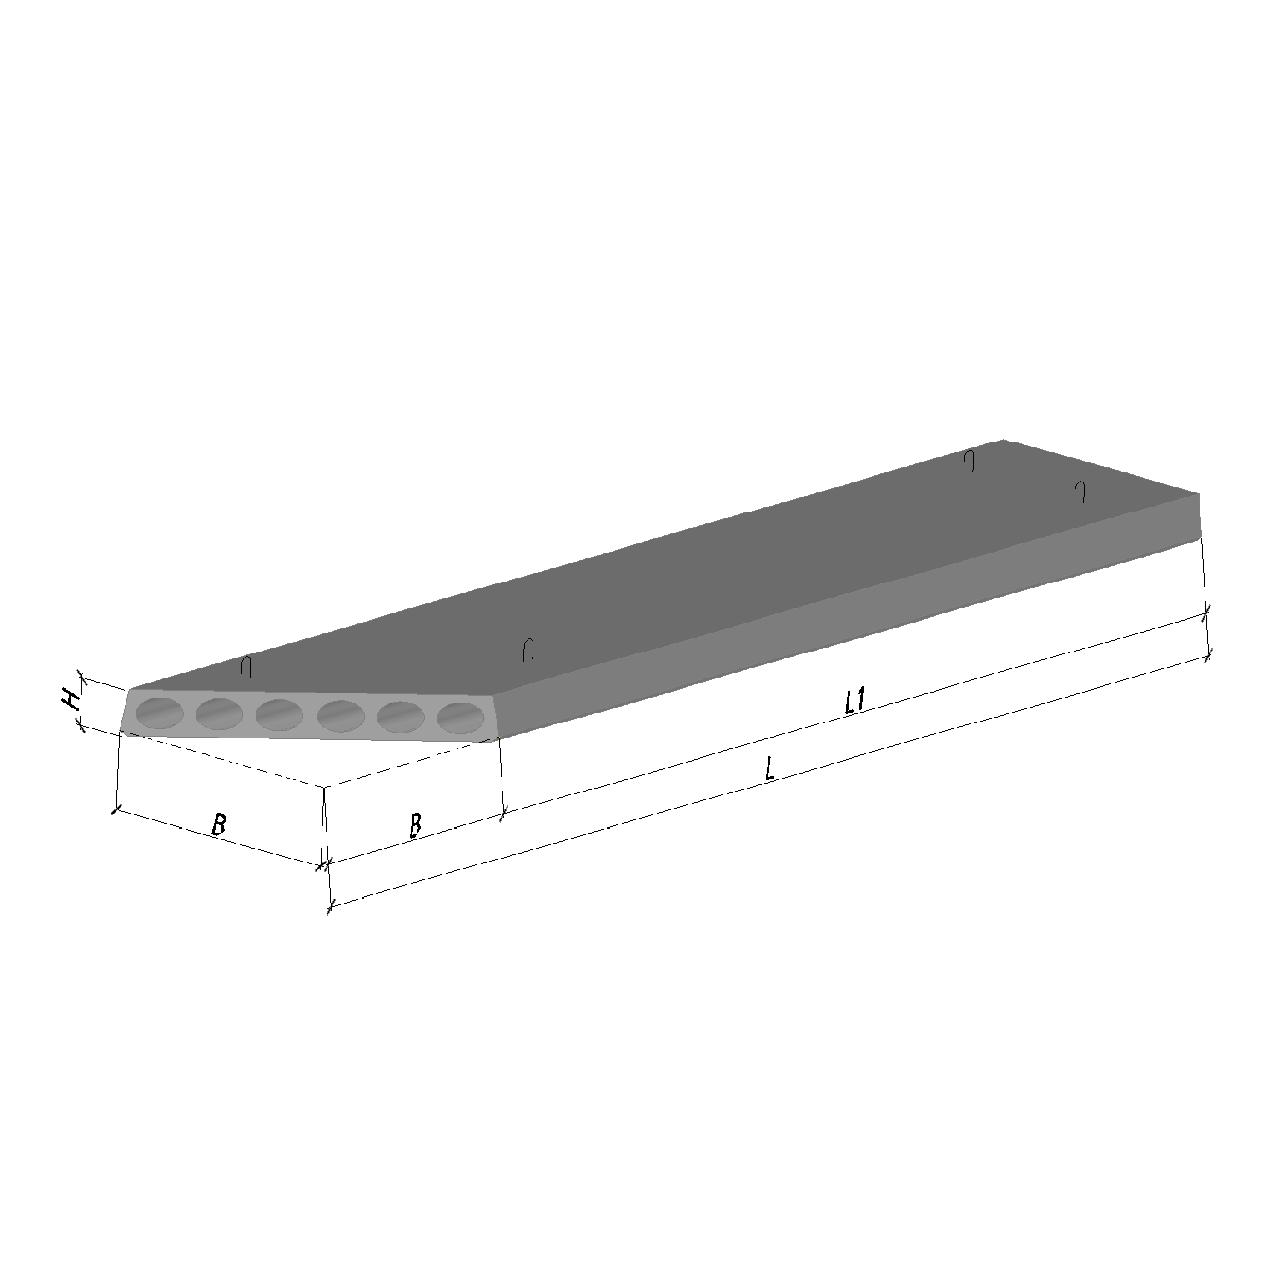 Плита перекрытия ПК 31-12-8 К2 582